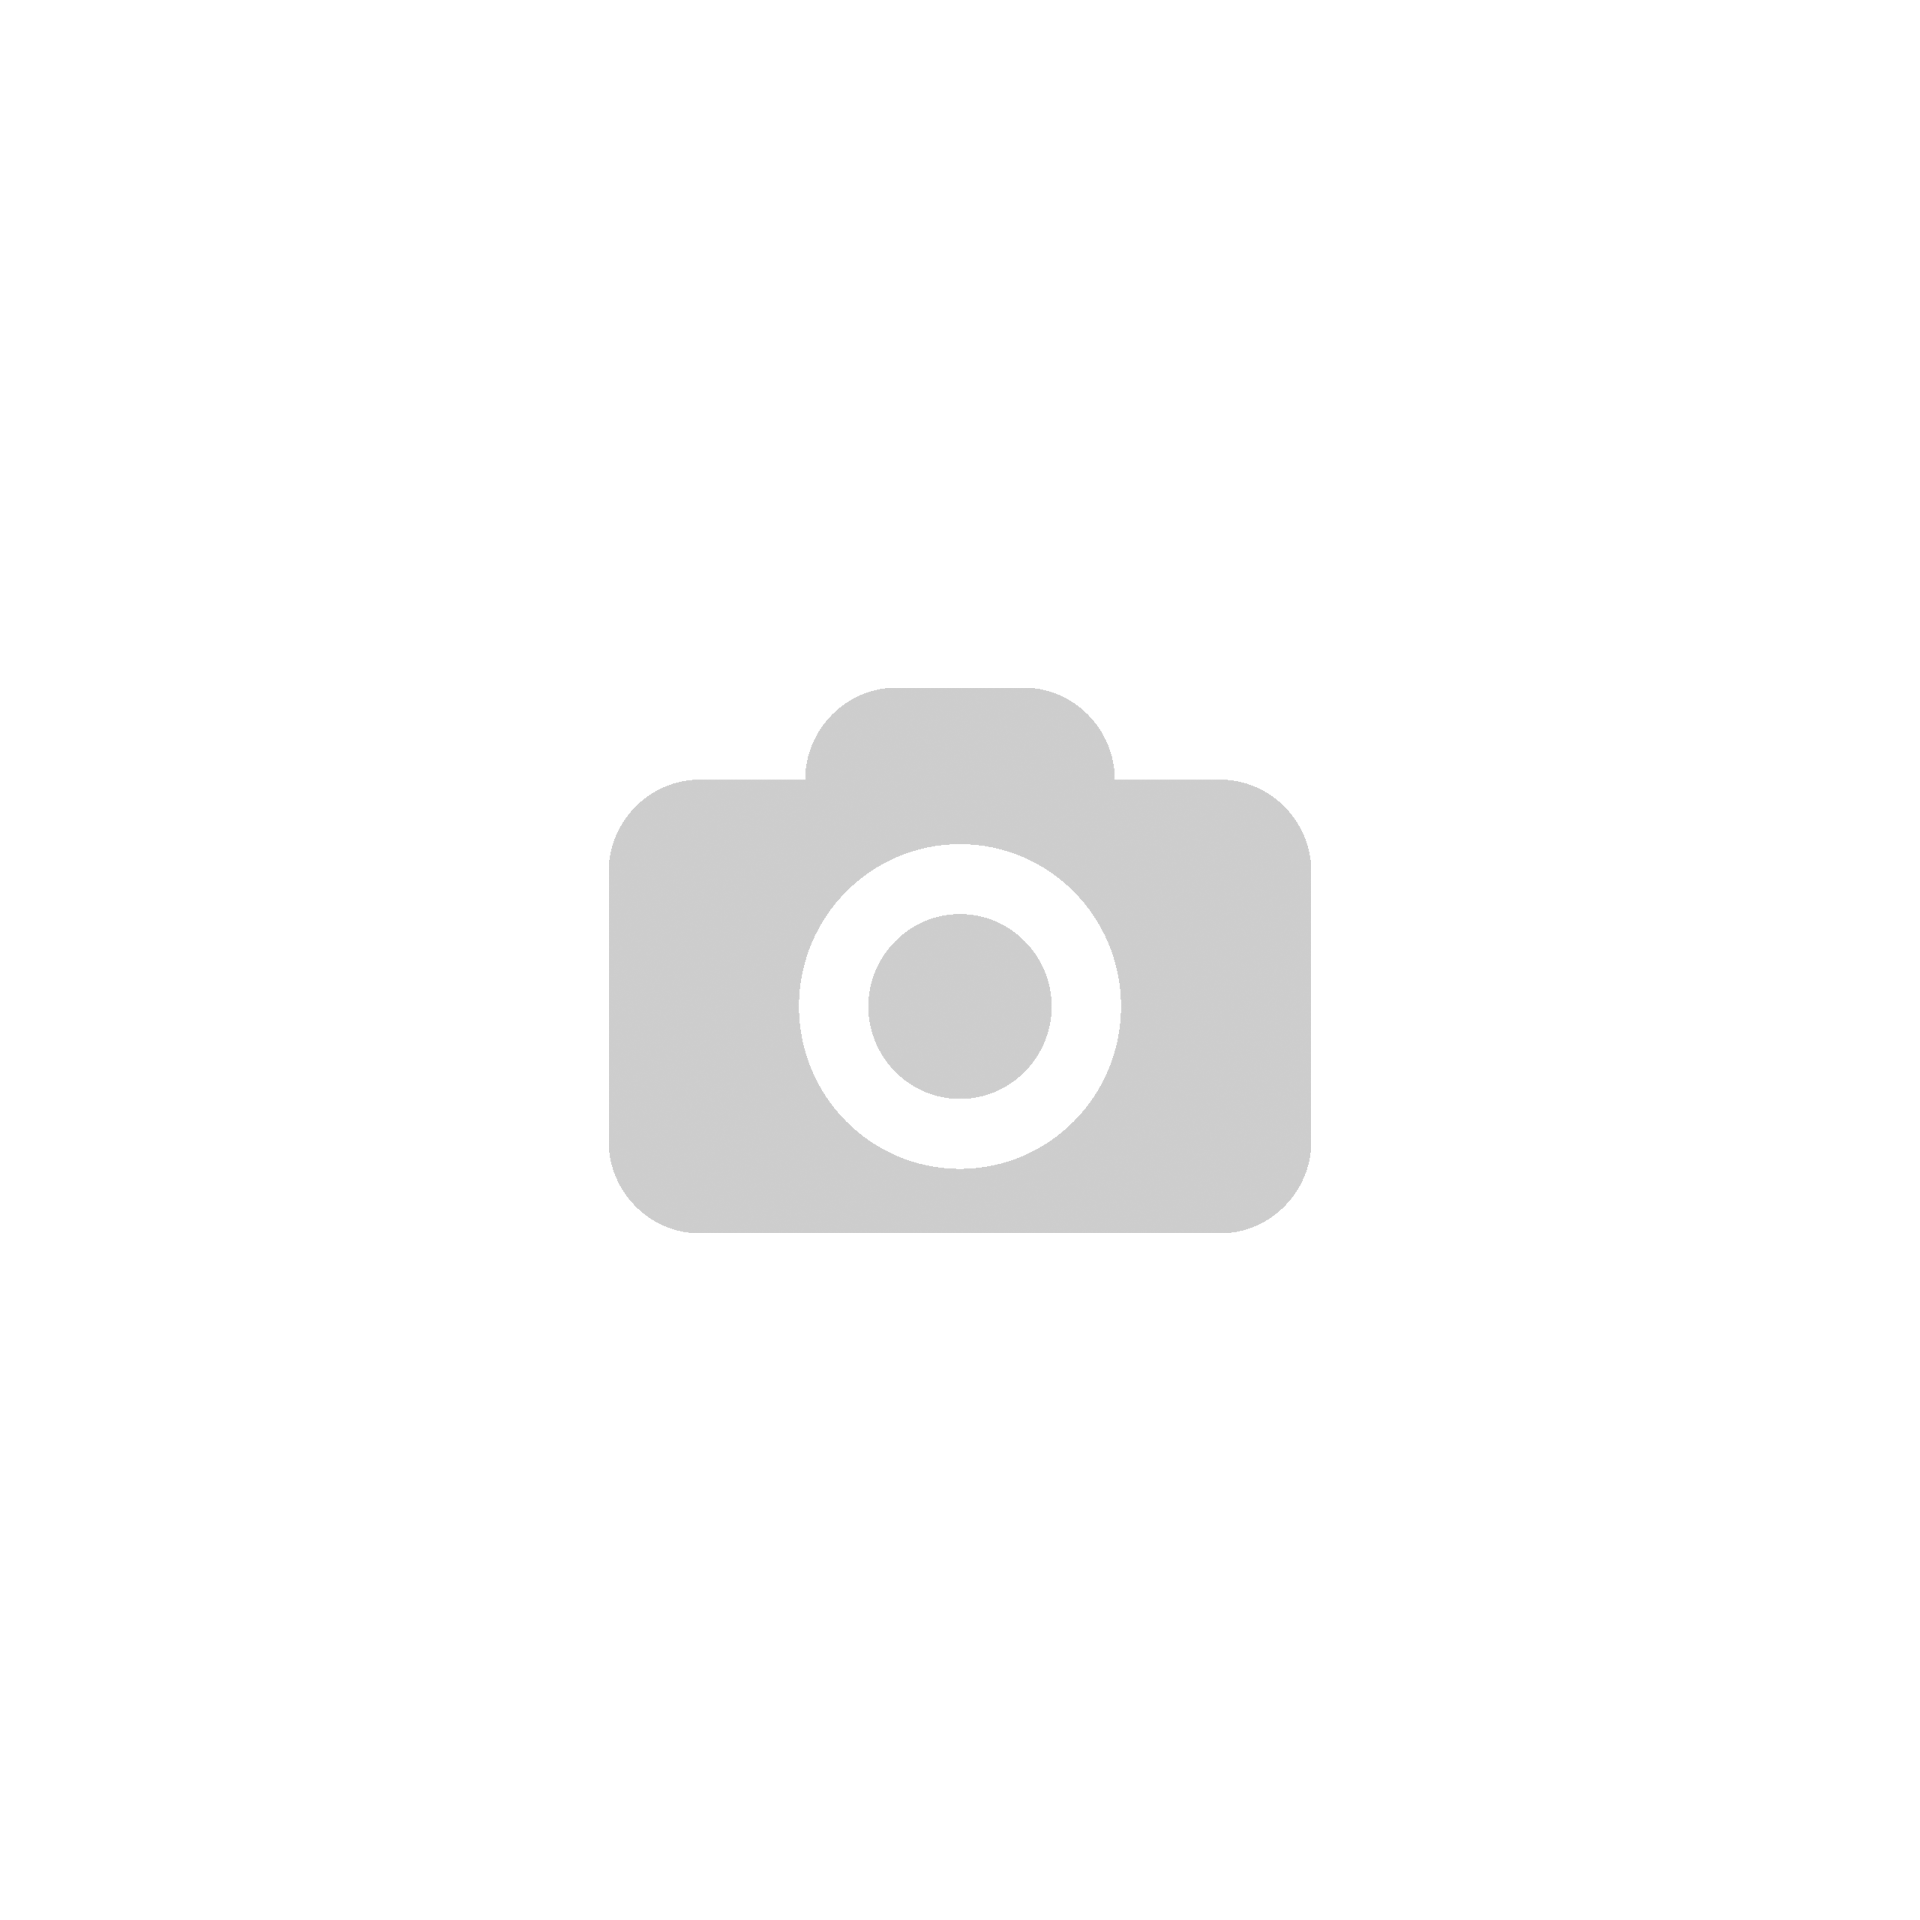 METABO HJA 14.4-18 fűthető kabát, S (akku és töltő nélkül, kartonban) + Power adapter akkuhoz